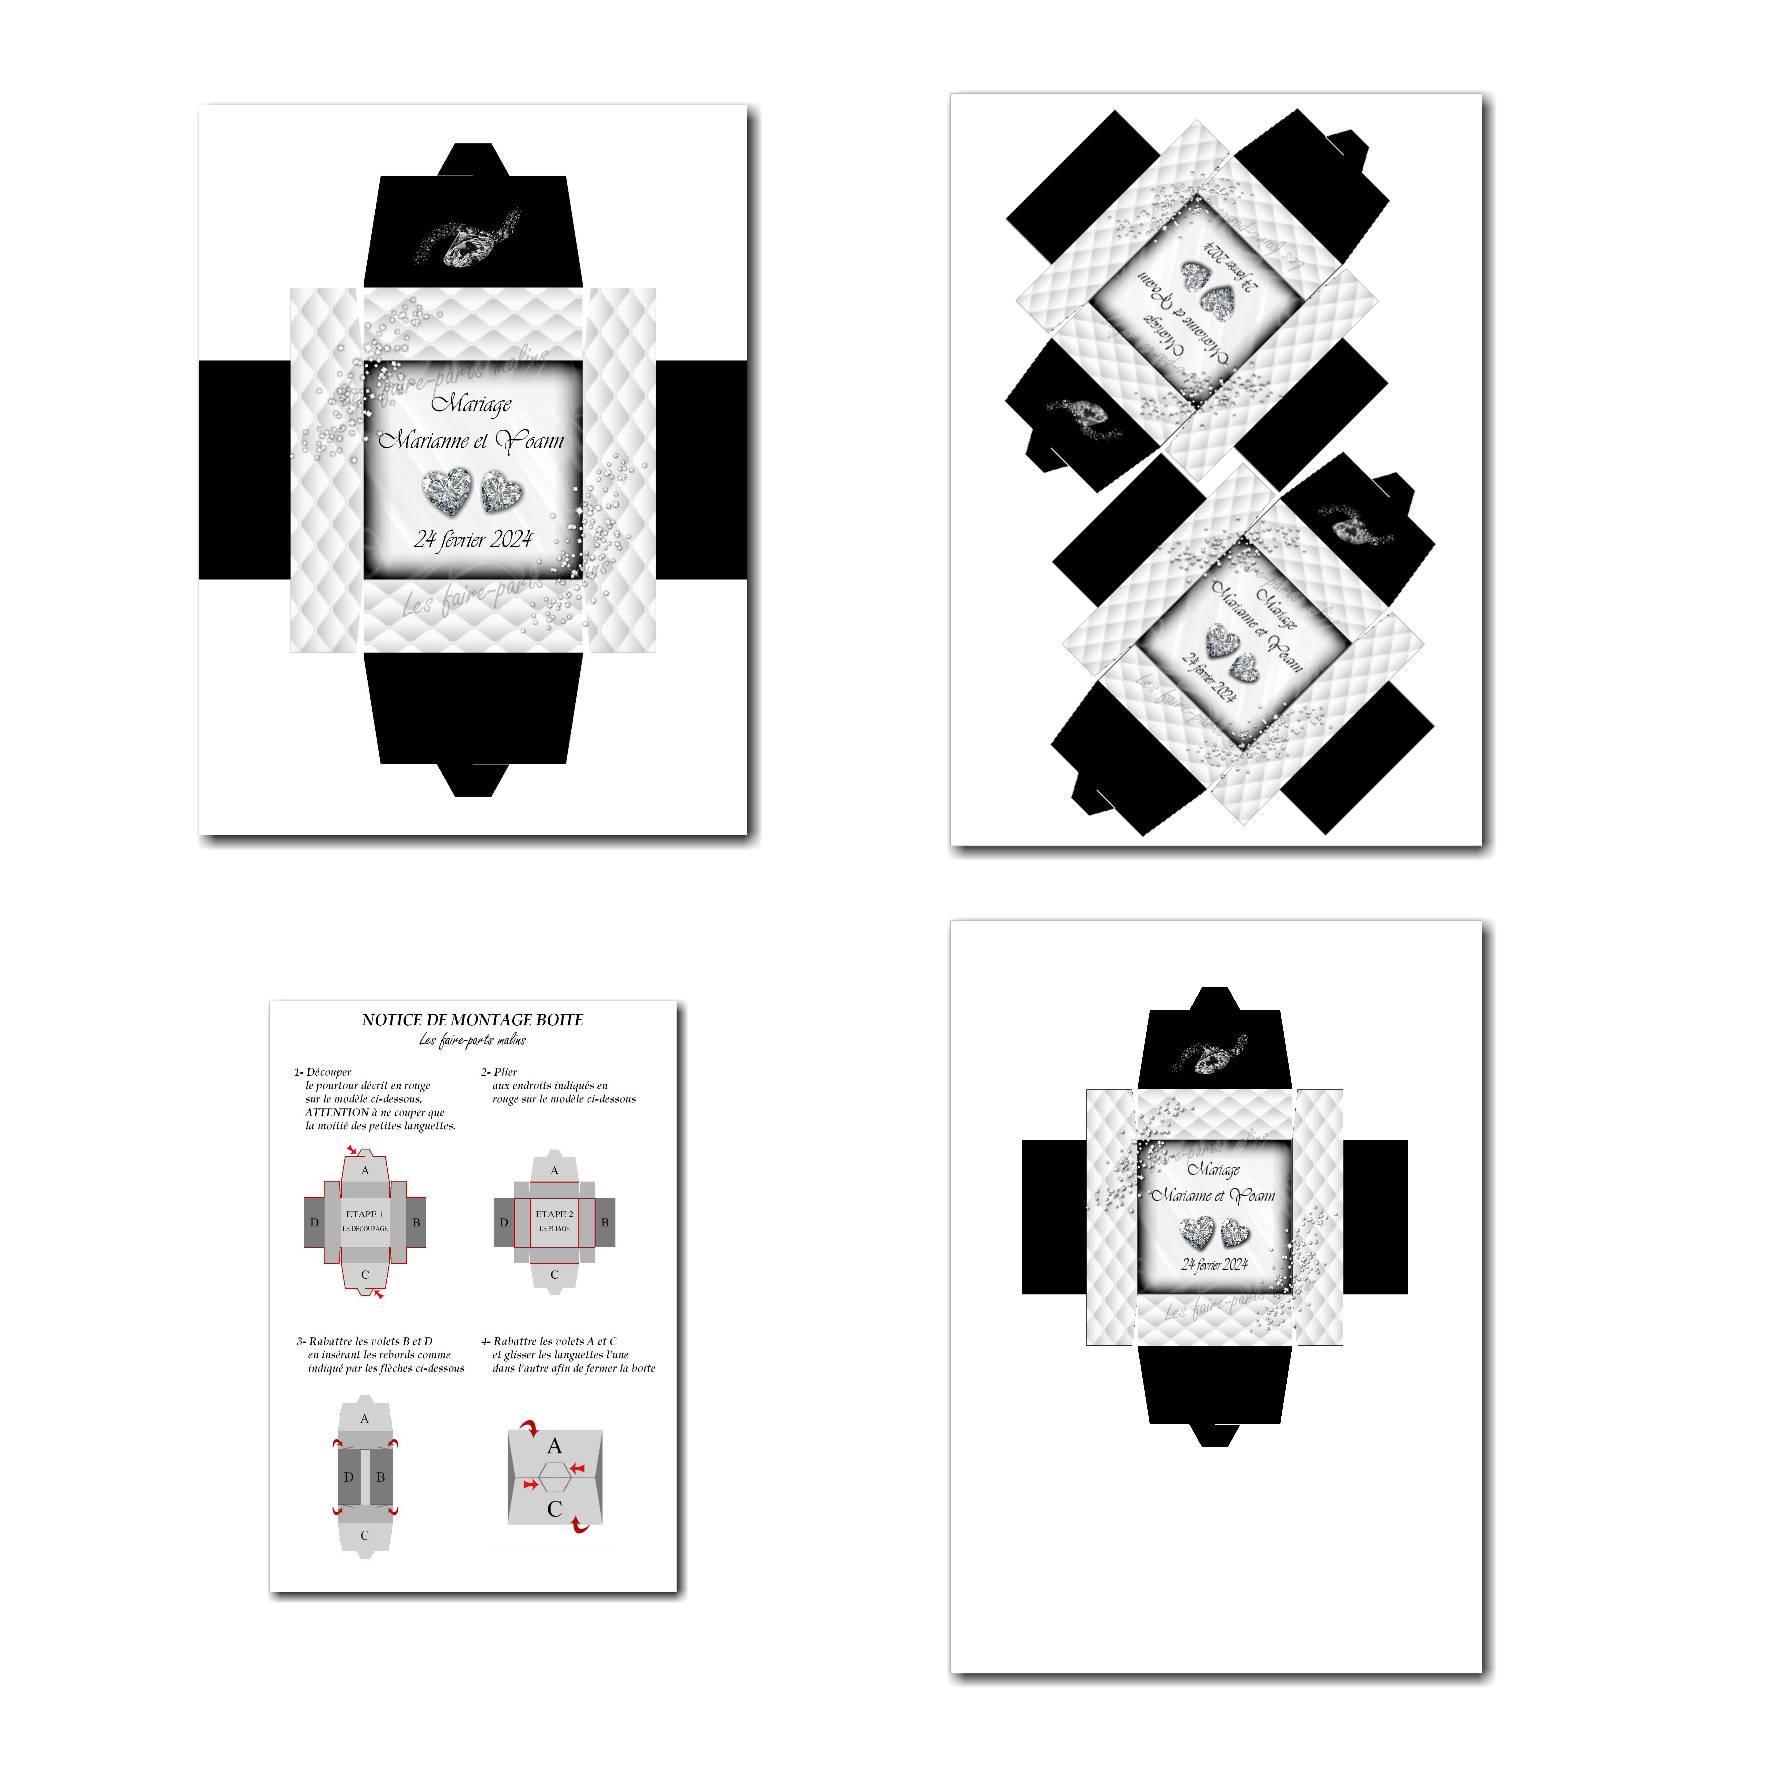 Boite à imprimer avec petits diamants en noir et blanc